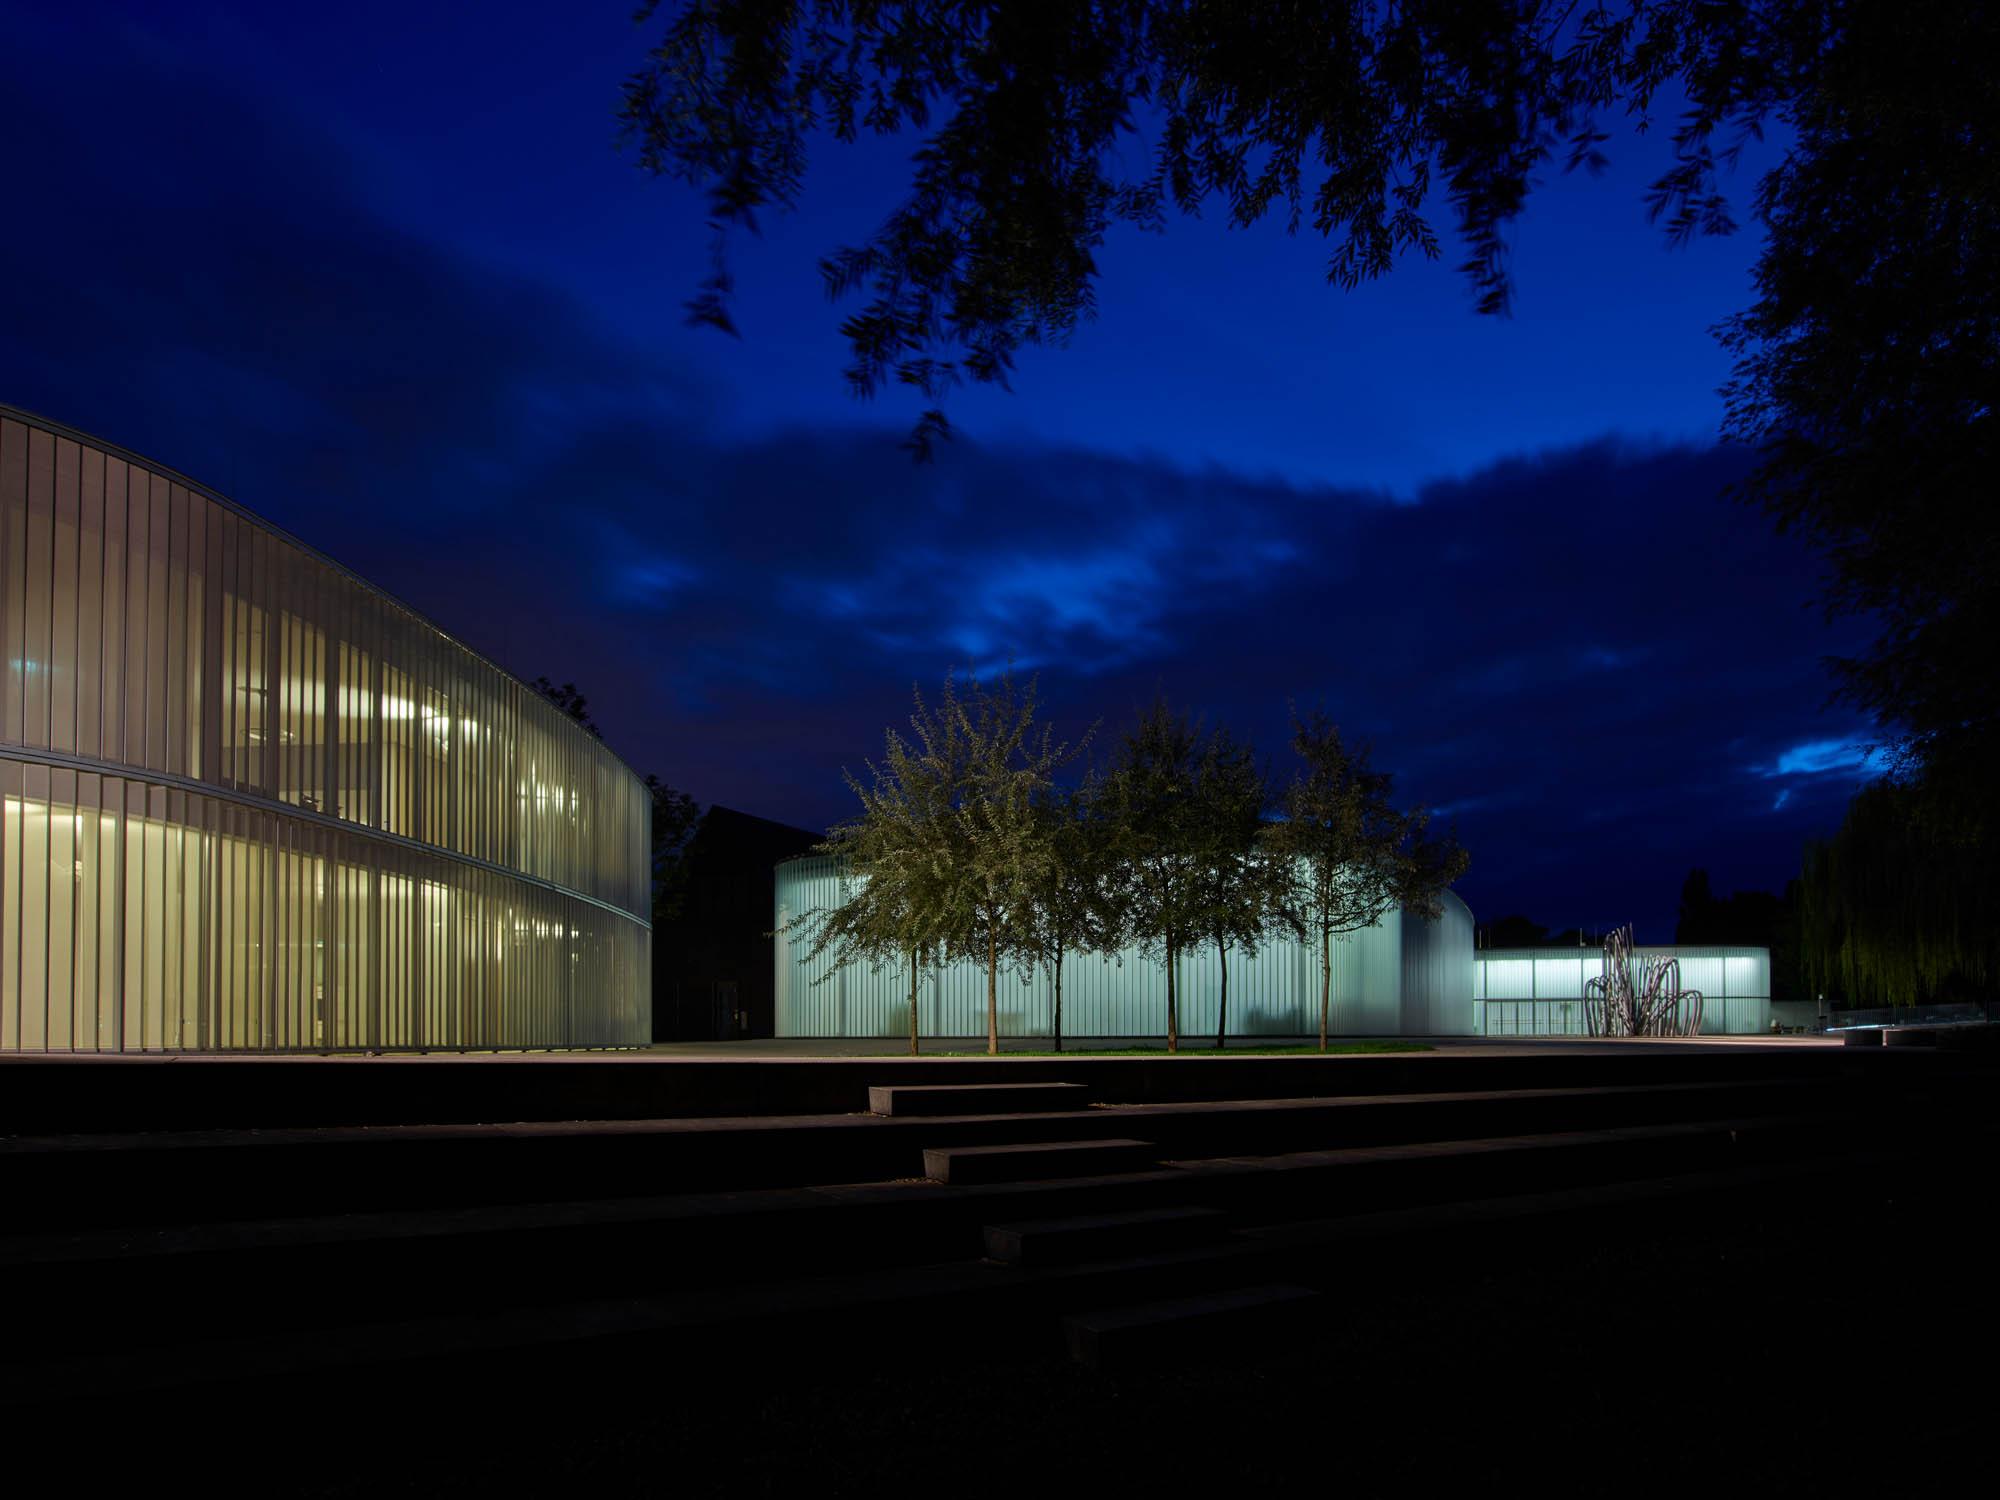 OPP 170906 0089 - Galerie Stihl Waiblingen und Eva Mayr-Stihl Stiftung: leuchtendes Ensemble